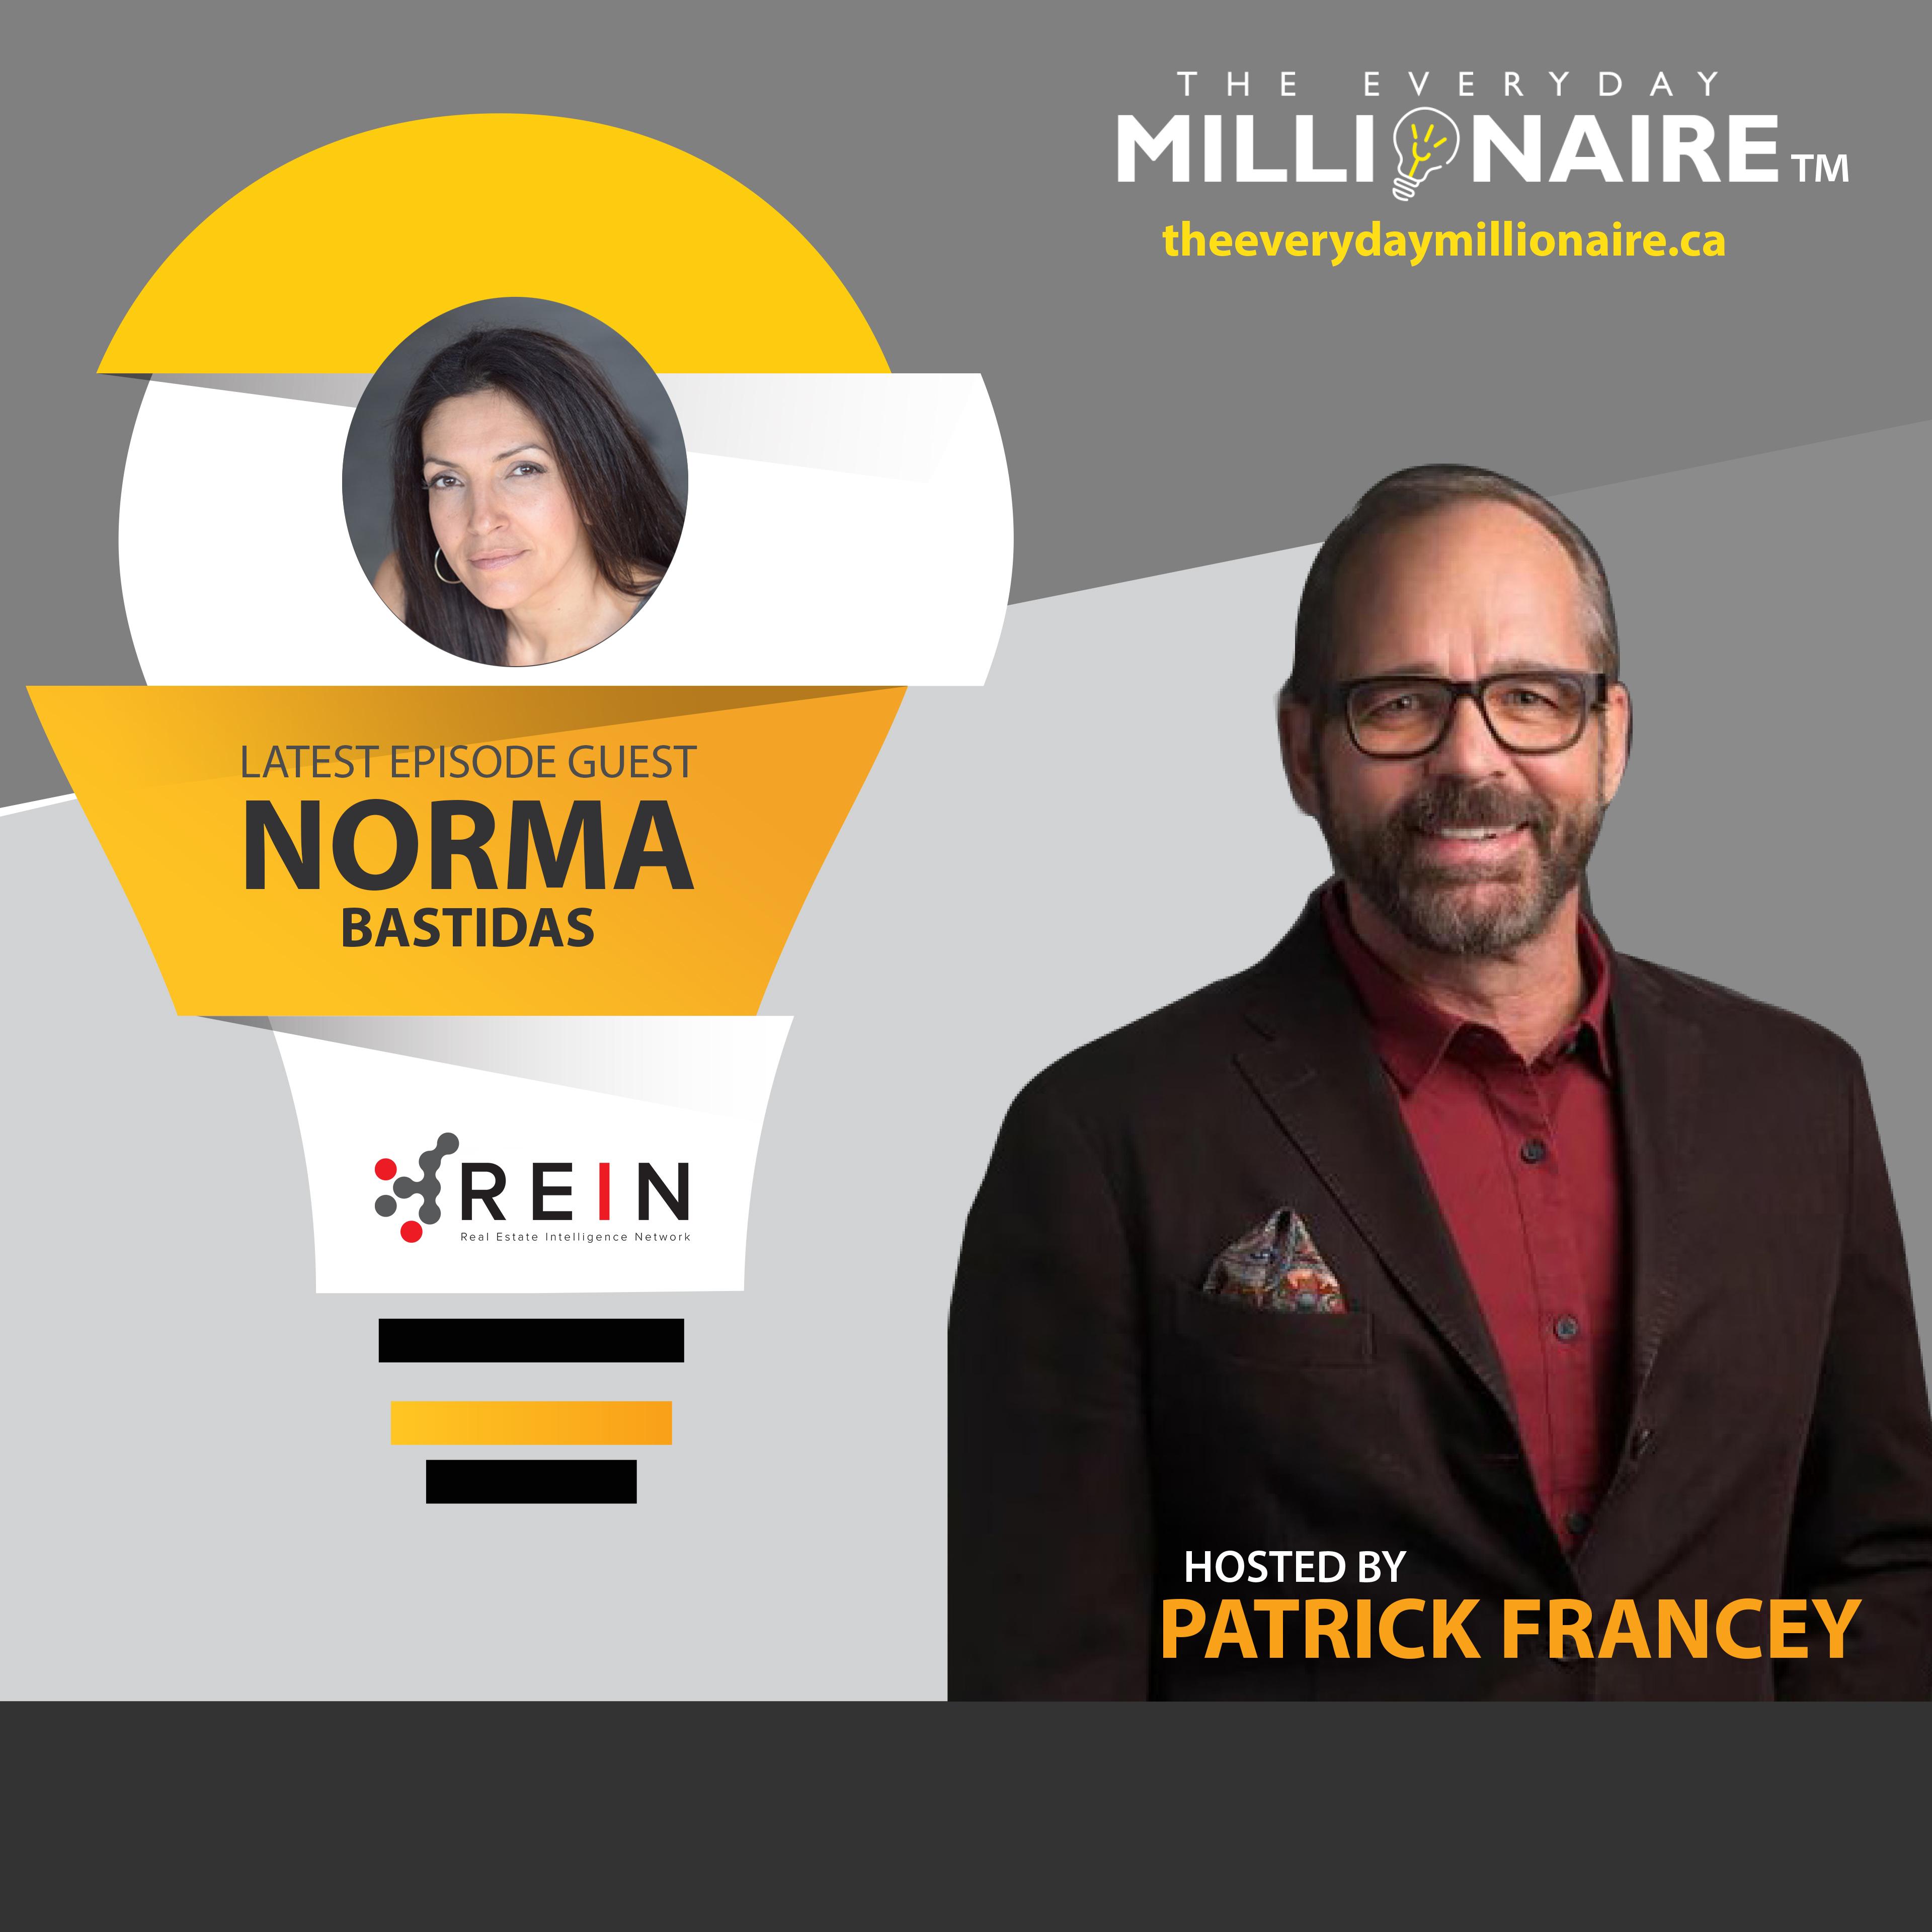 TEDM_Norma